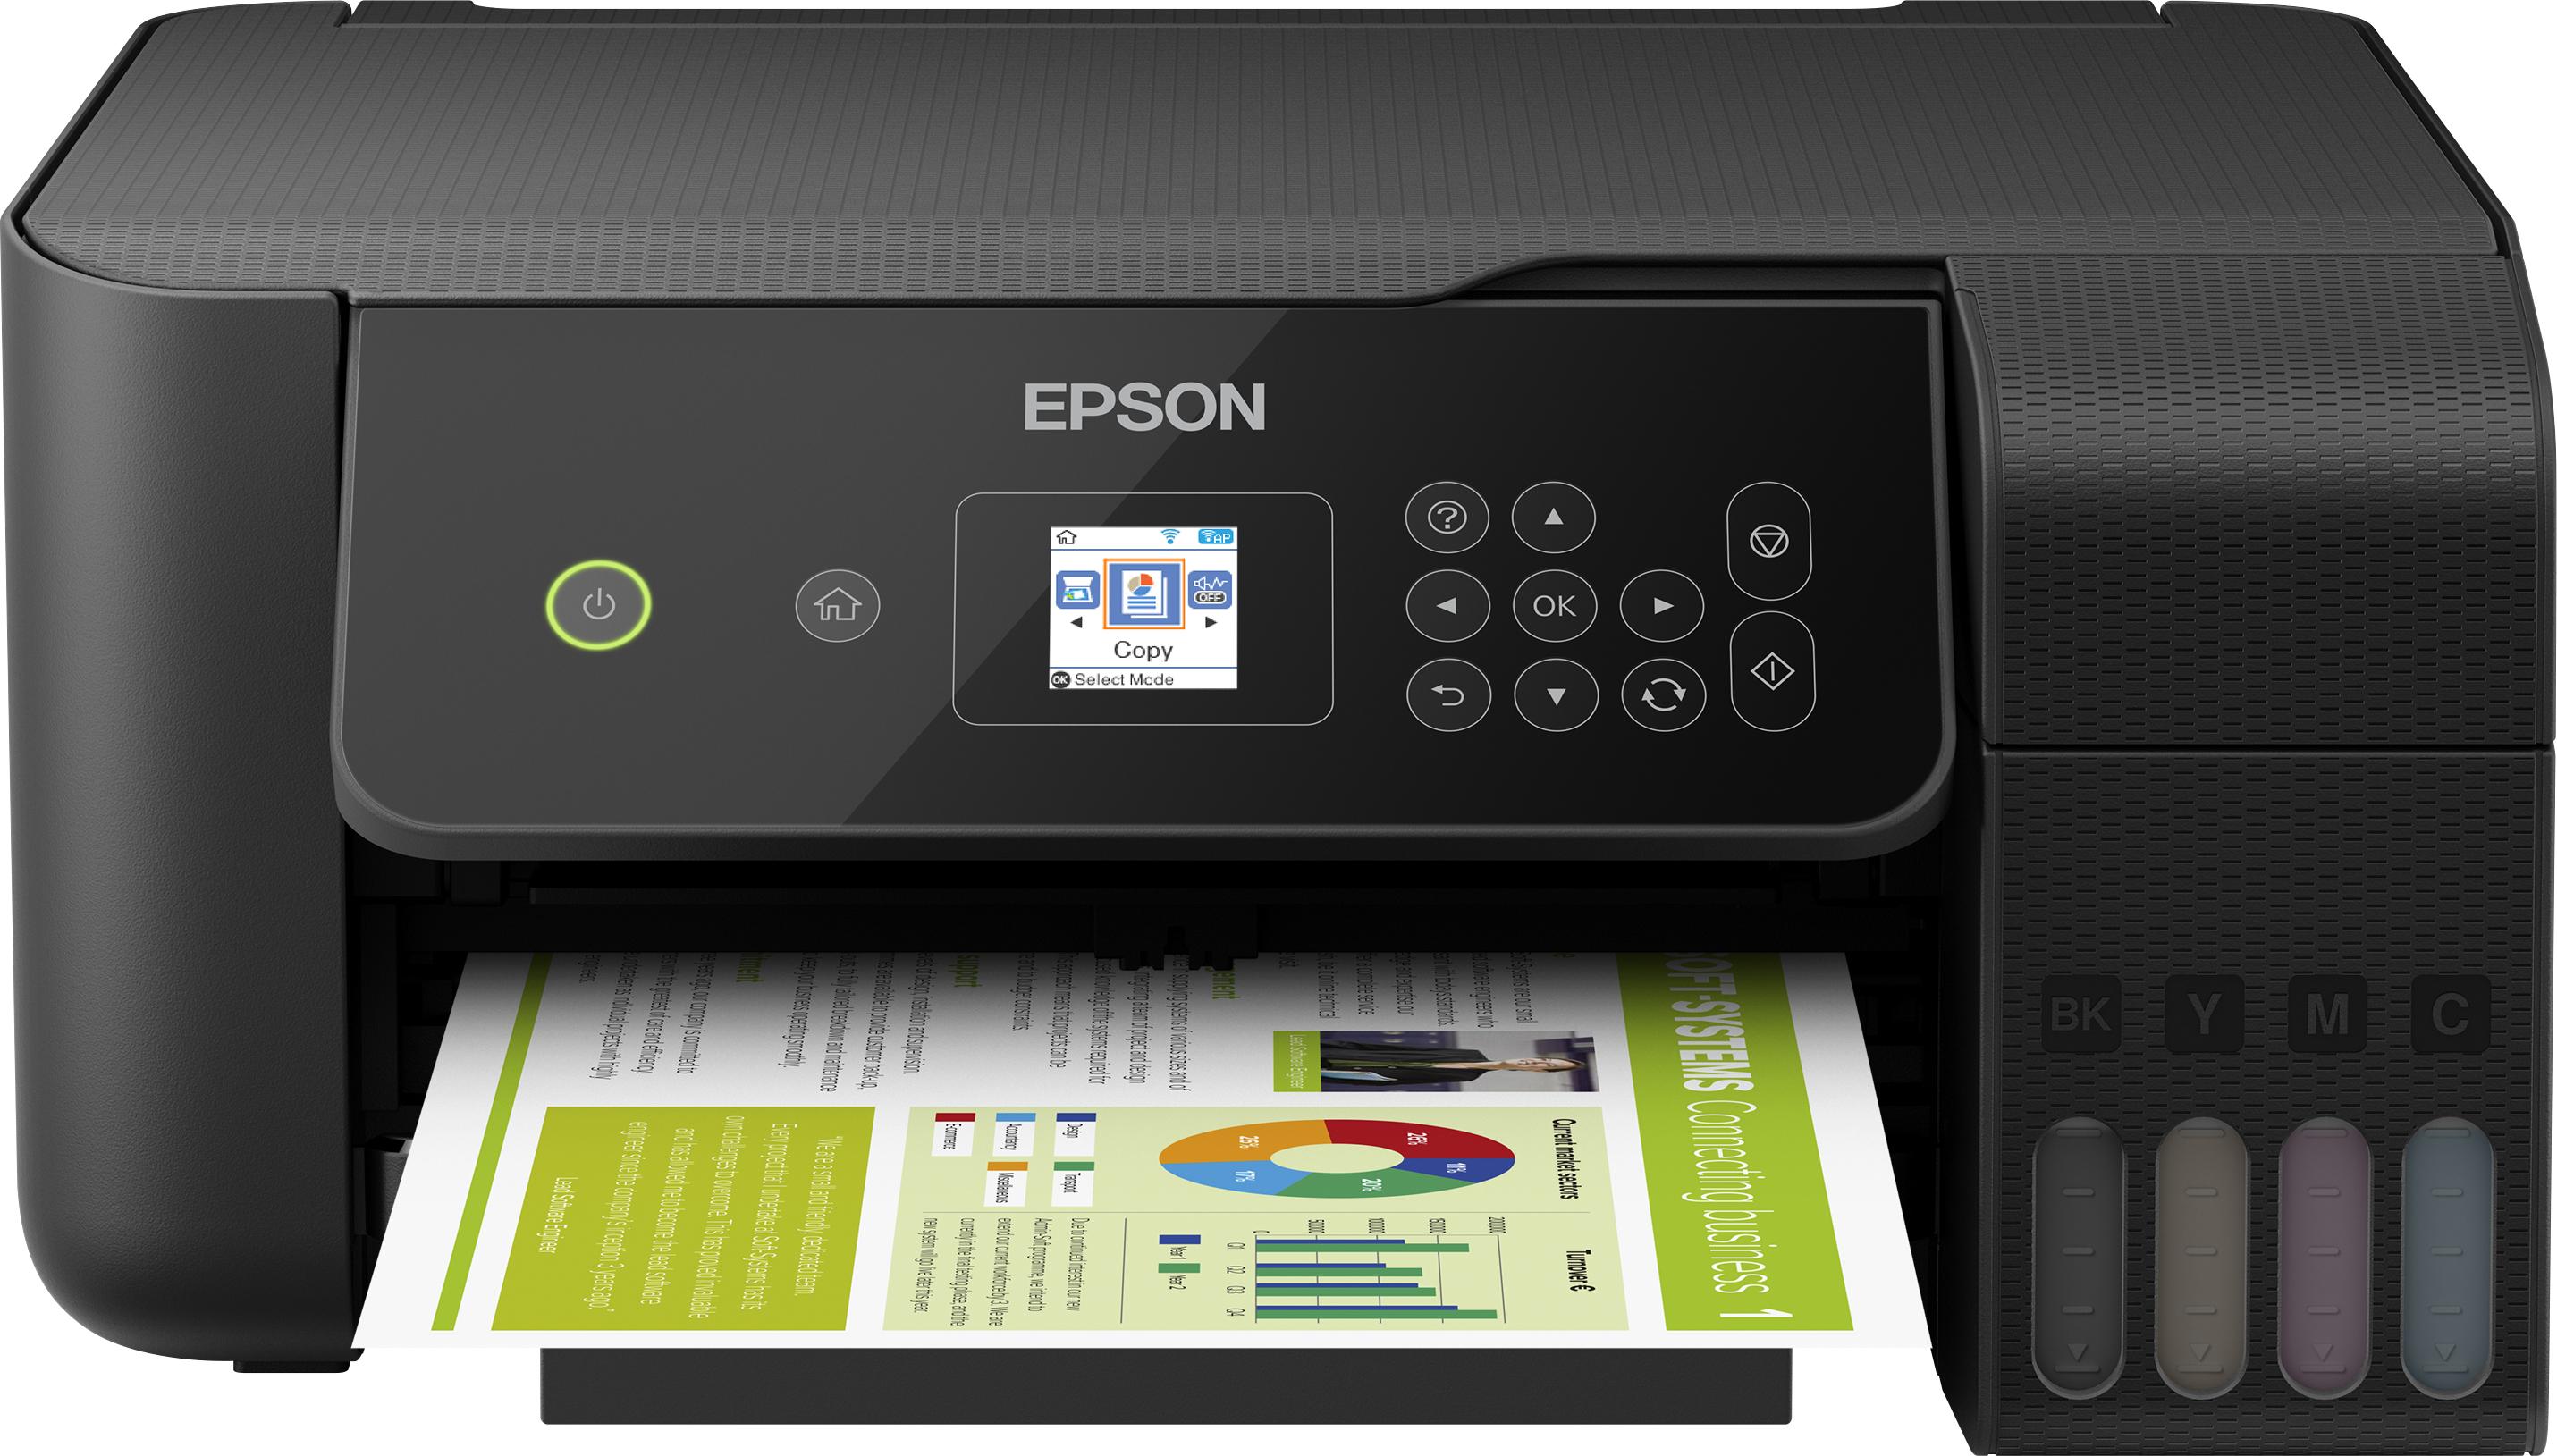 Epson EcoTank EcoTank ET-2720 Unlimited - Tintenstrahl - Farbdruck - 5760 x 1440 DPI - A4 - Direkter Druck - Schwarz